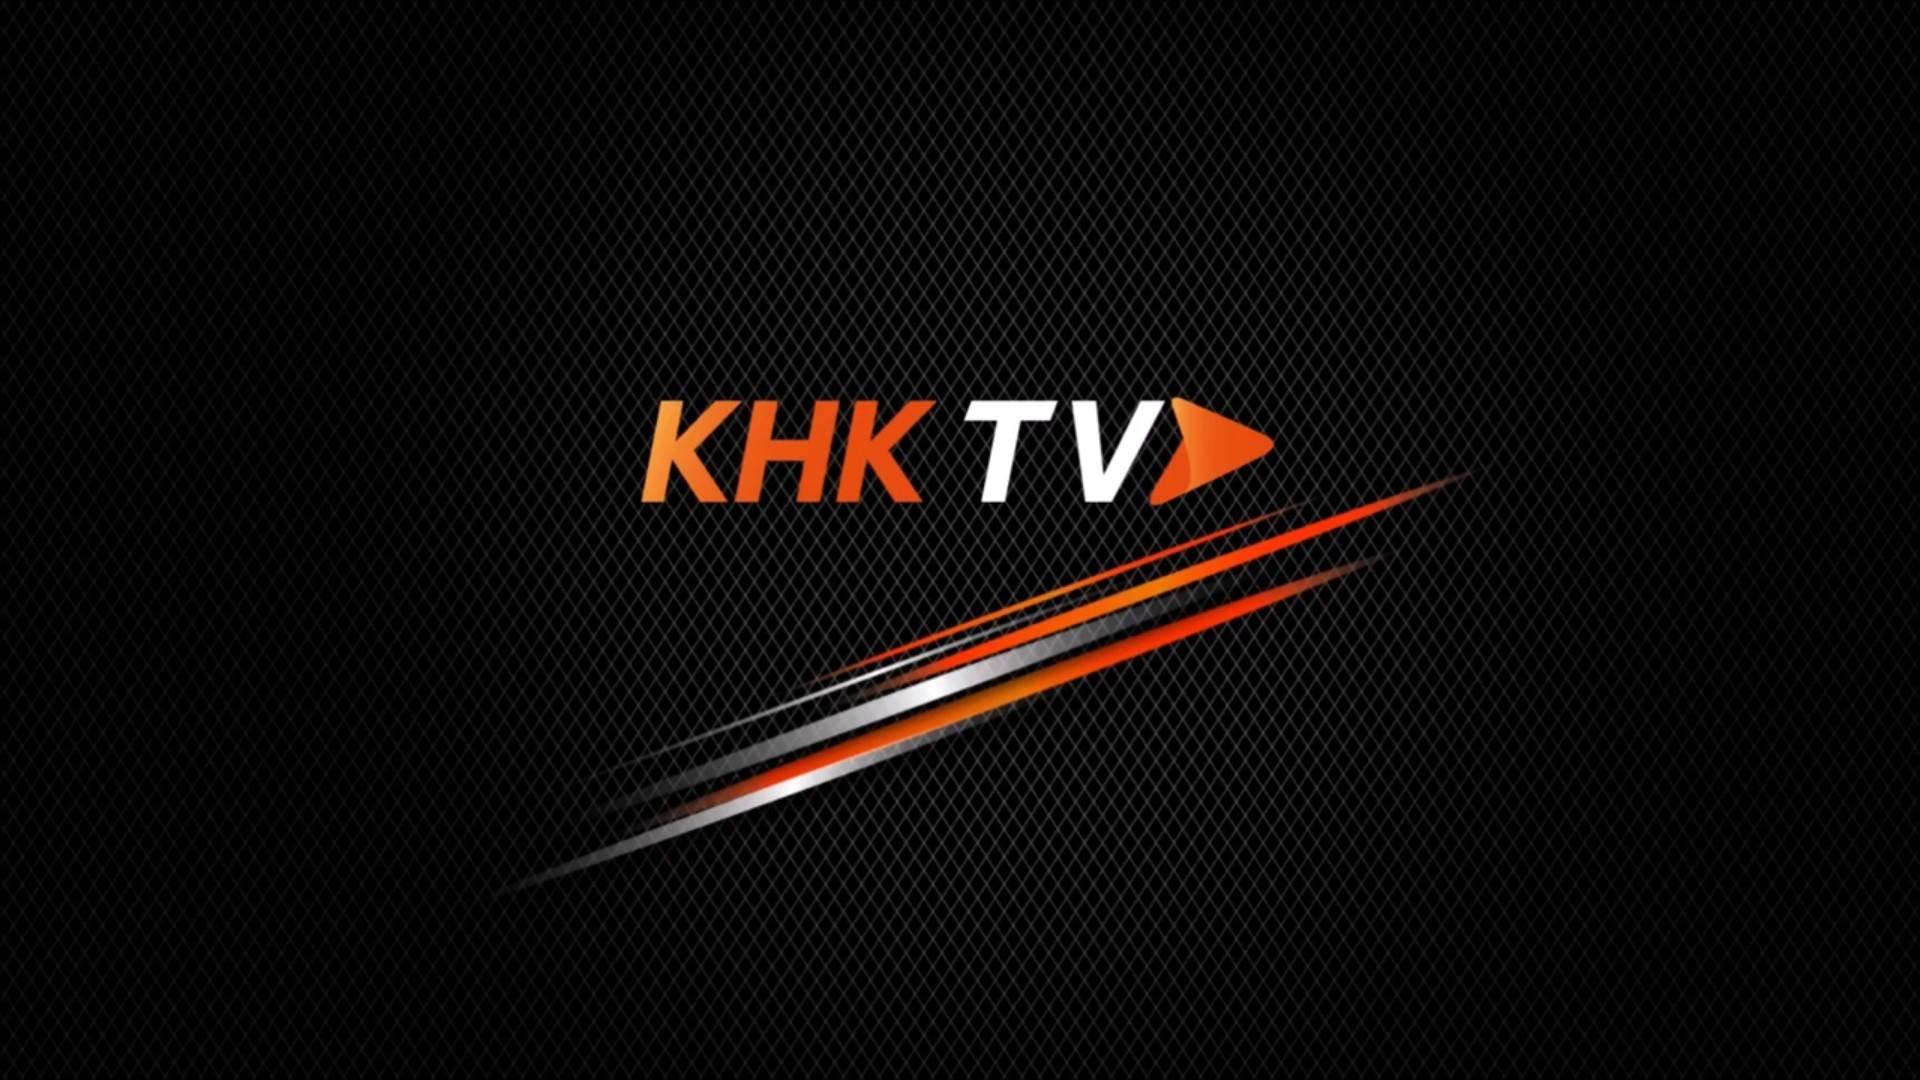 KHKTV: Intervju med Mats Lusth